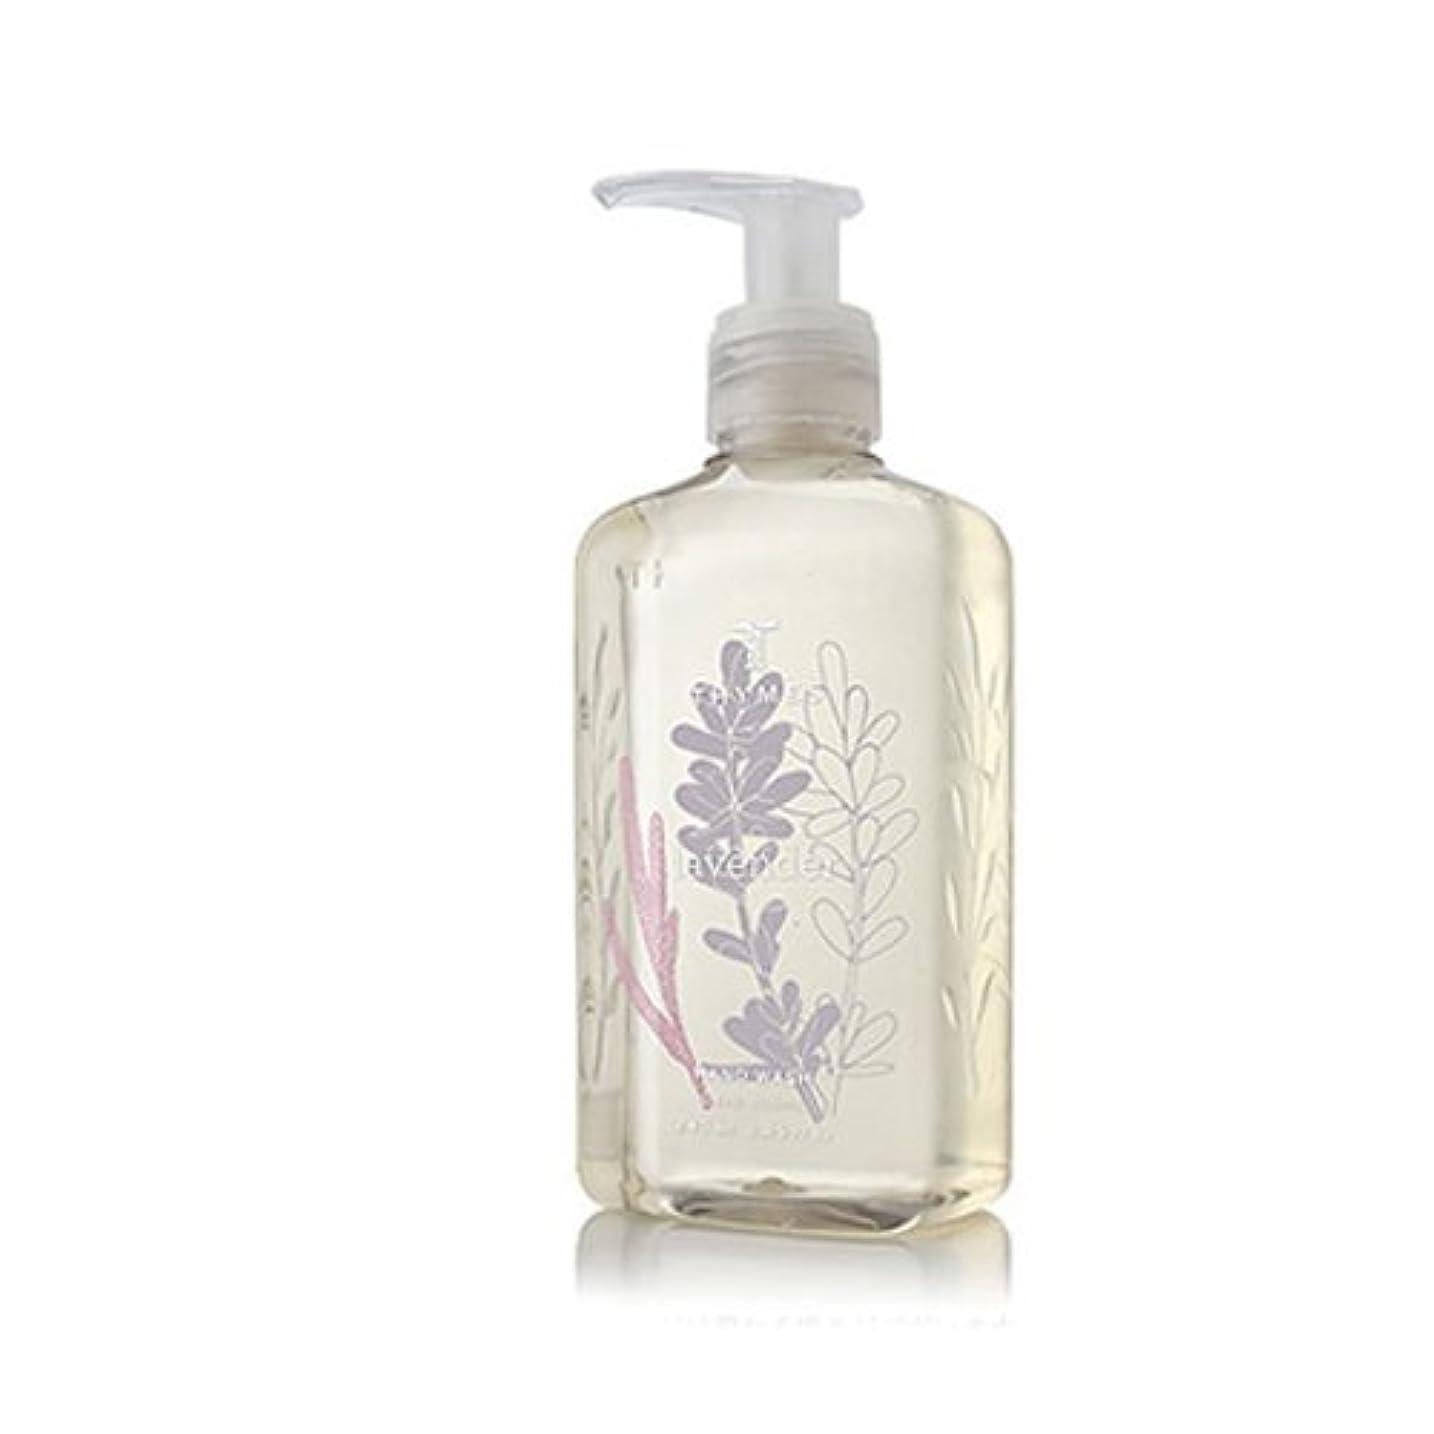 赤ちゃんプレゼンター選挙THYMES タイムズ ハンドウォッシュ 240ml ラベンダー Hand Wash 8.25 fl oz Lavender [並行輸入品]